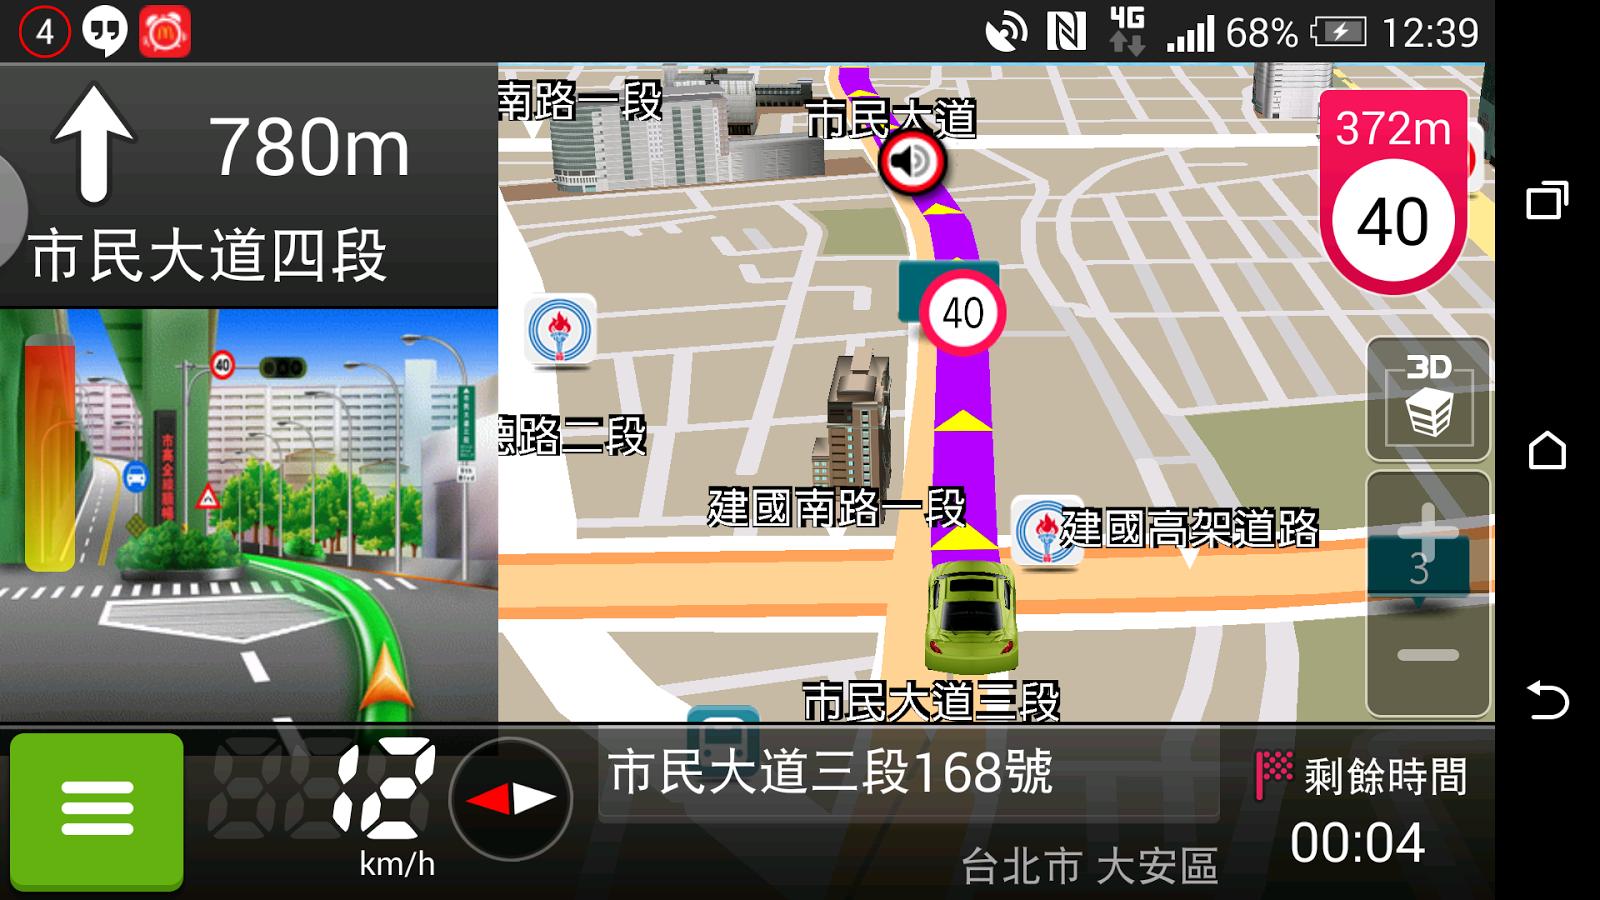 【樂客導航王3D】全3D導航 再也不用擔心紅衣小女孩亂帶路